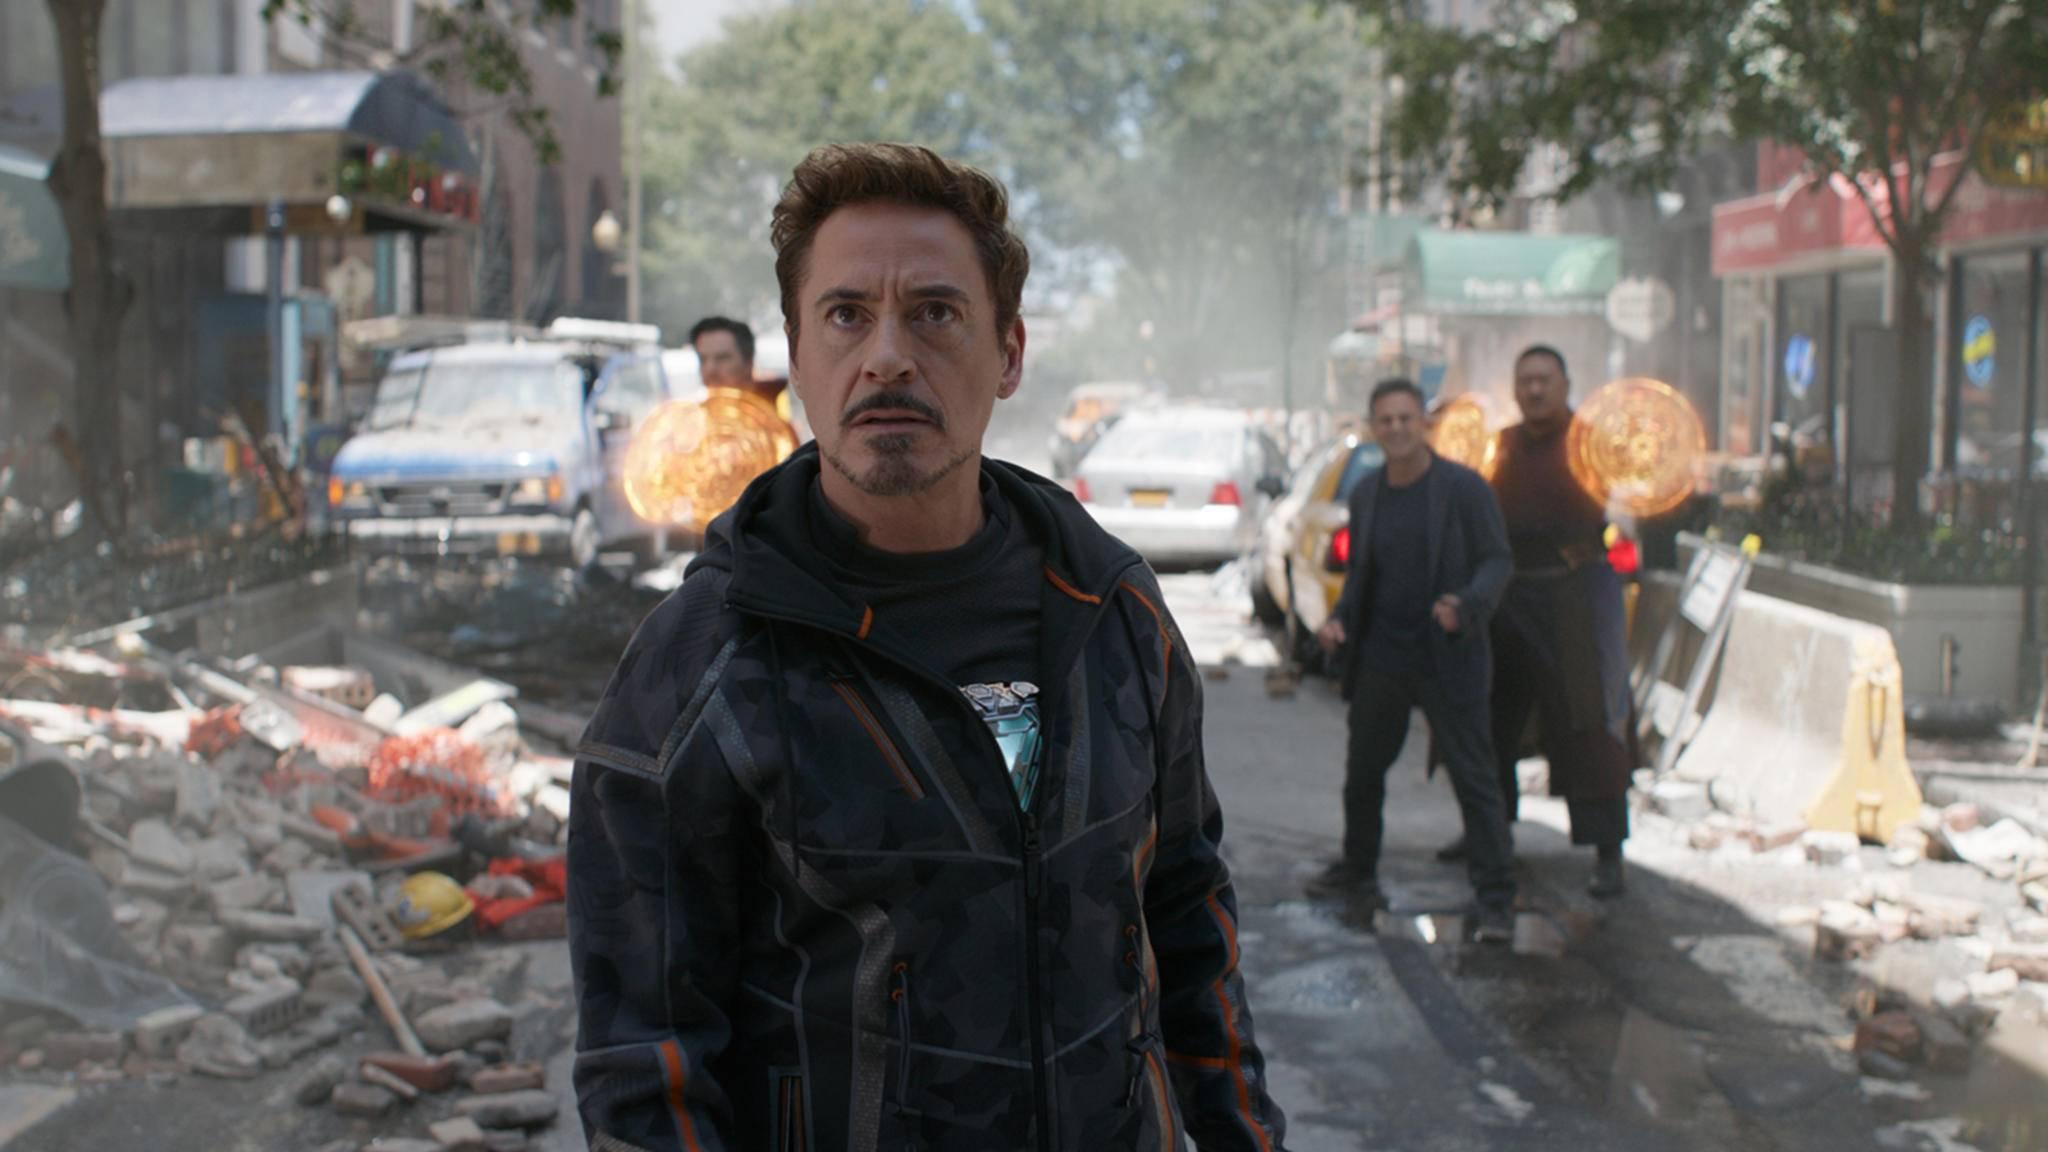 Bei den Summen, die Robert Downey Jr. als Iron Man einnimmt, kann einem schon mal der Mund offen stehen bleiben.